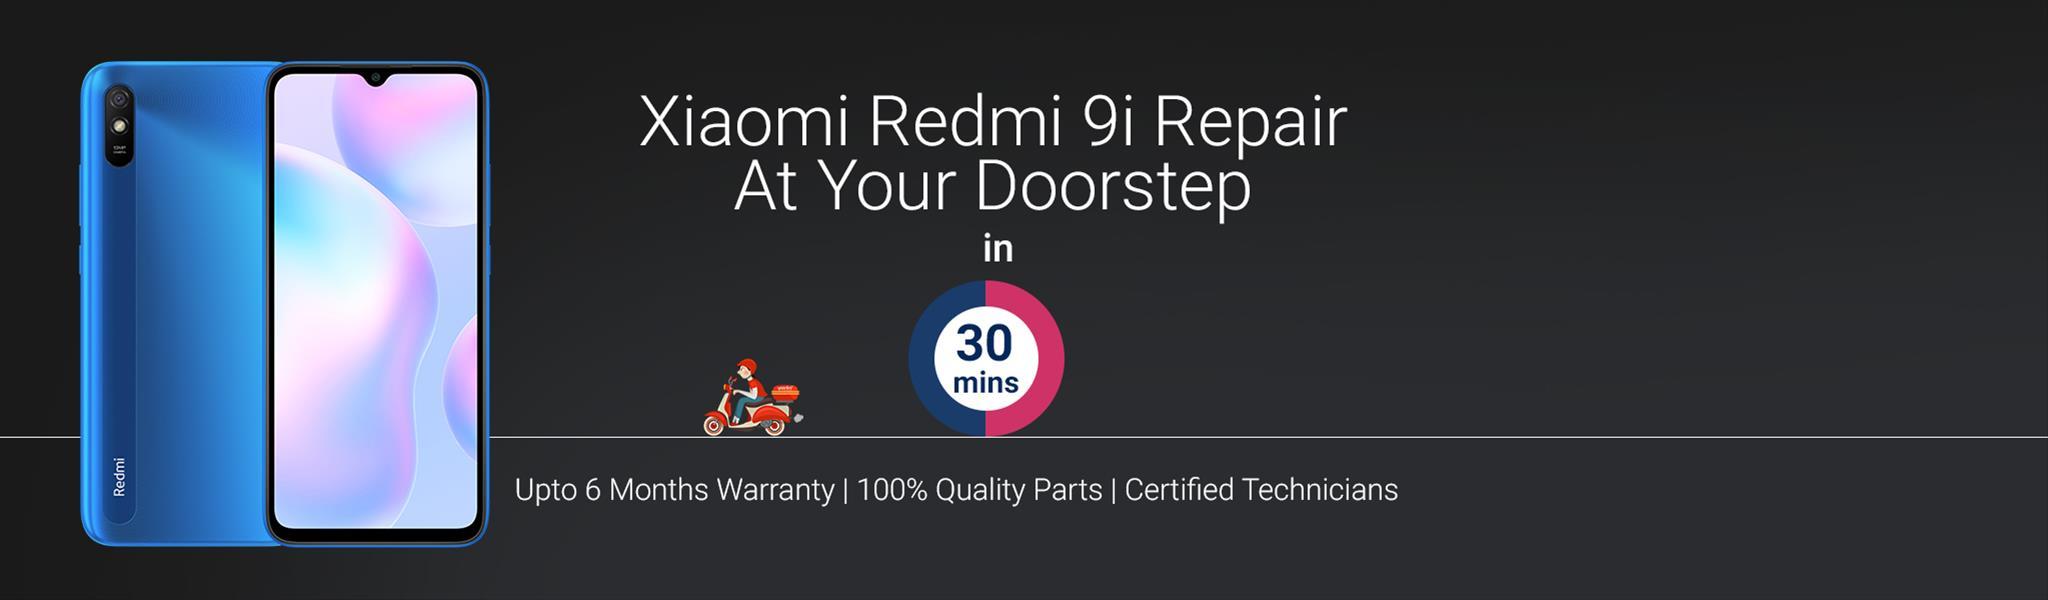 xiaomi-redmi-9i-repair.jpg